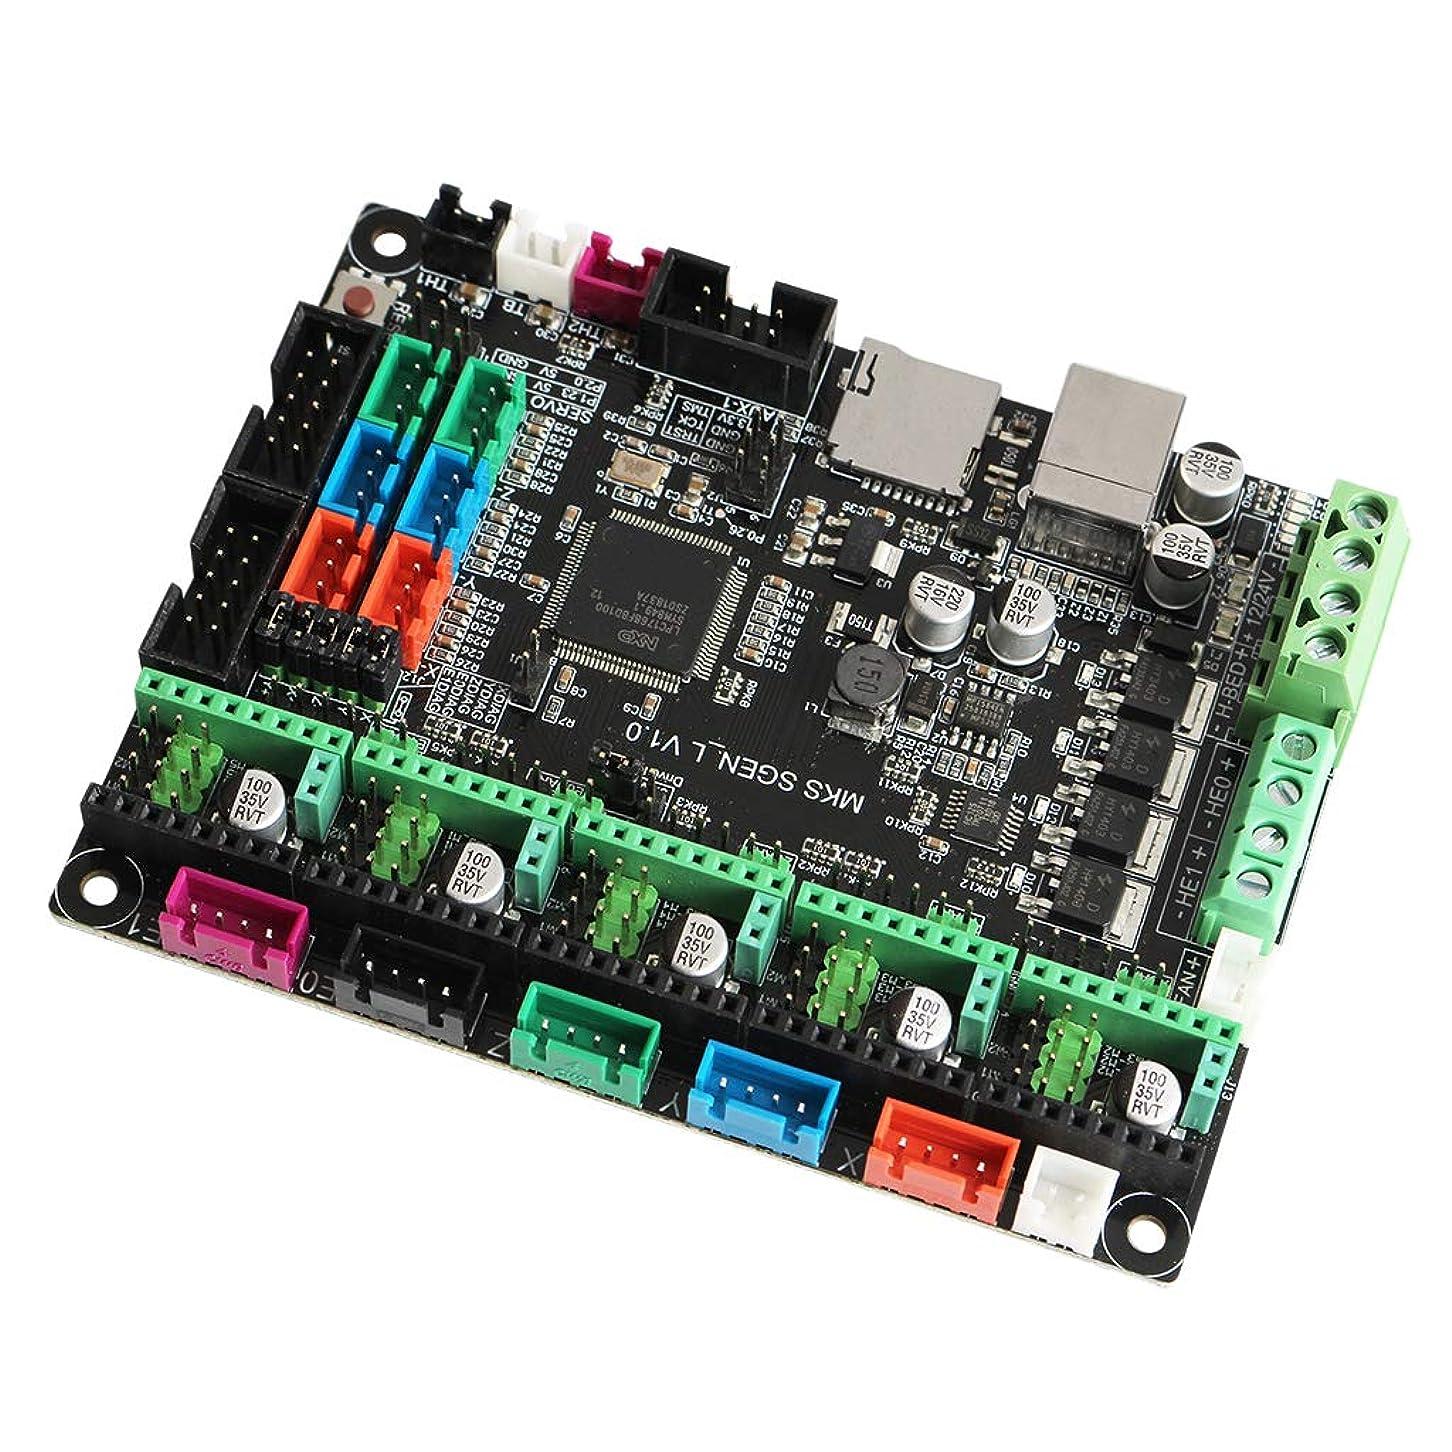 格納適切にサイズAlmencla 3Dプリンター制御ボード MKS SGEN L V1.0コントローラボード 32ビット